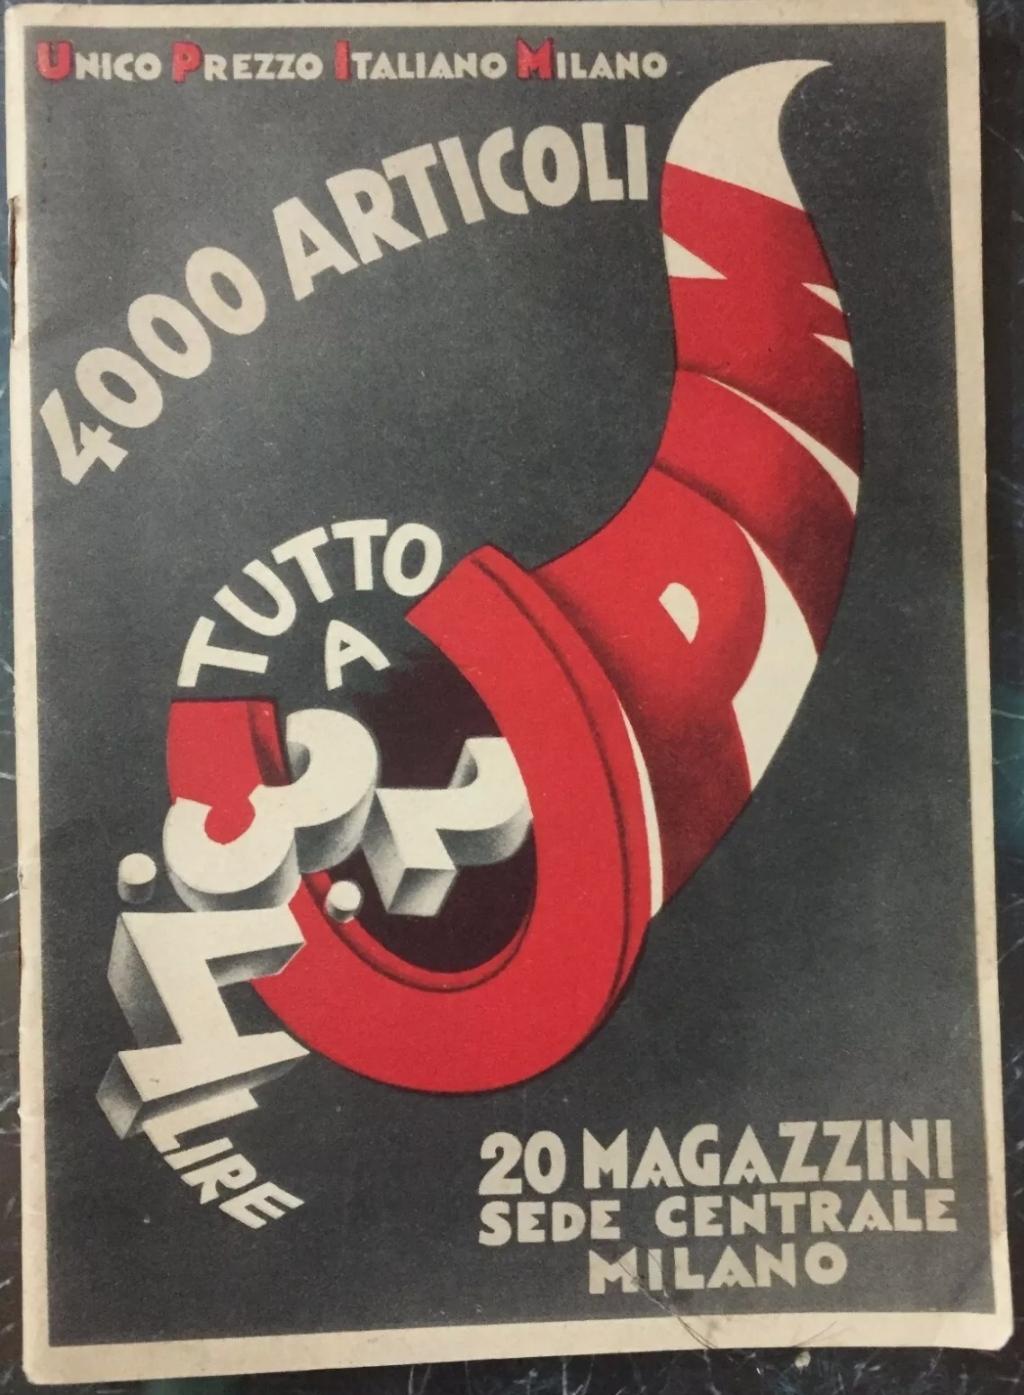 UPIM catalogo del 1930 Quattromila articoli tutto a 2-3-4 lire in 20 magazzini INTROVABILE